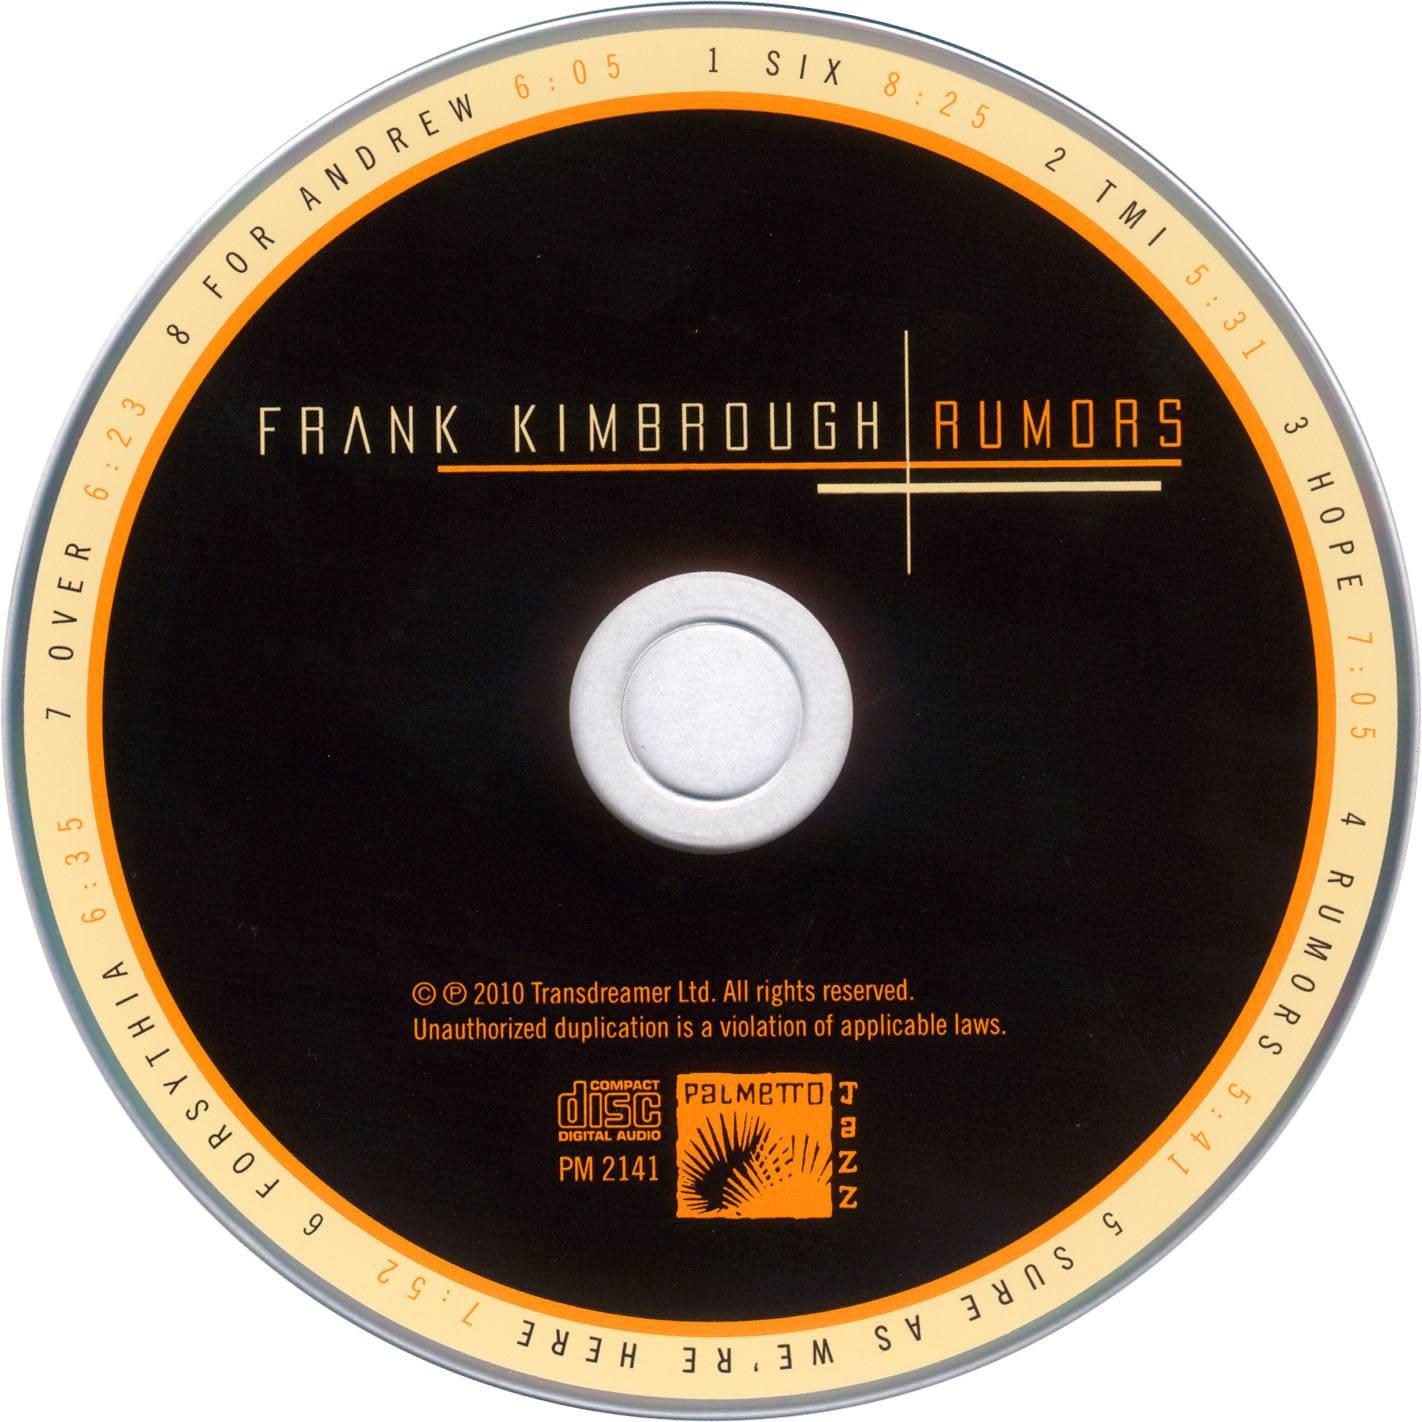 Frank Kimbrough - Rumors (2010)